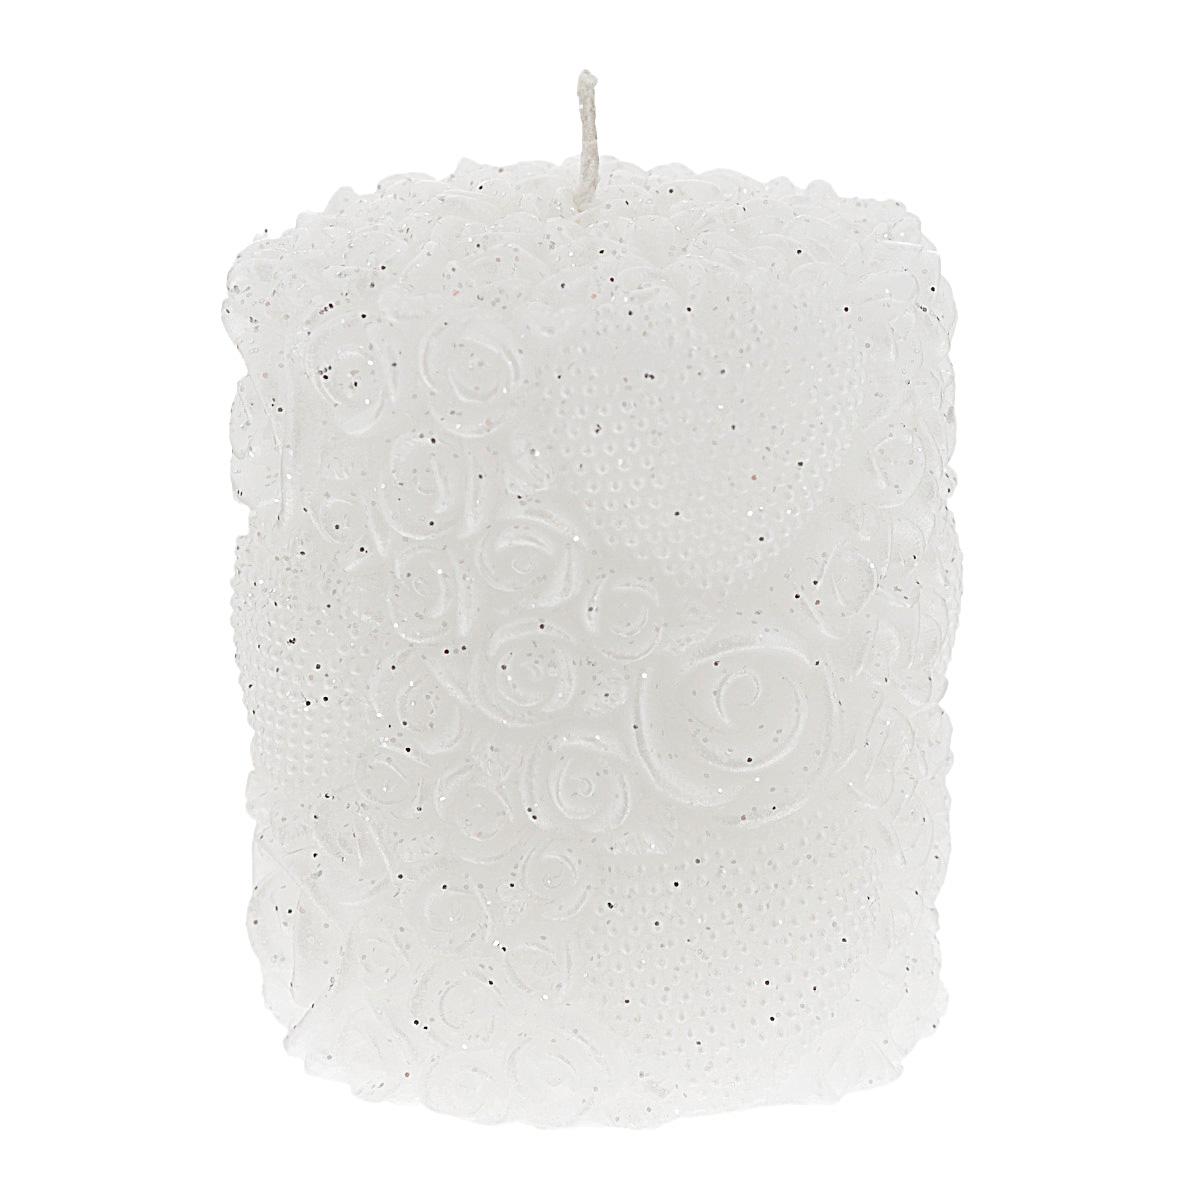 Свеча декоративная Win Max Белые розы, цвет: белый, 7 х 8 смRG-D31SДекоративная свеча Win Max Белые розы изготовлена из парафина в форме столбика и украшена рельефным узором из роз и сердец, покрытых блестками. Свеча будет отличным украшением интерьера и подарком на свадьбу или торжество. Свеча упакована в прозрачную пластиковую коробку и украшена бантиком. Декоративная свеча Win Max Белые розы принесет в ваш дом волшебство и ощущение праздника. Создайте в своем доме атмосферу веселья и радости, и тогда самый обычный день с легкостью превратится в торжество. Размер свечи: 7 см х 8 см.